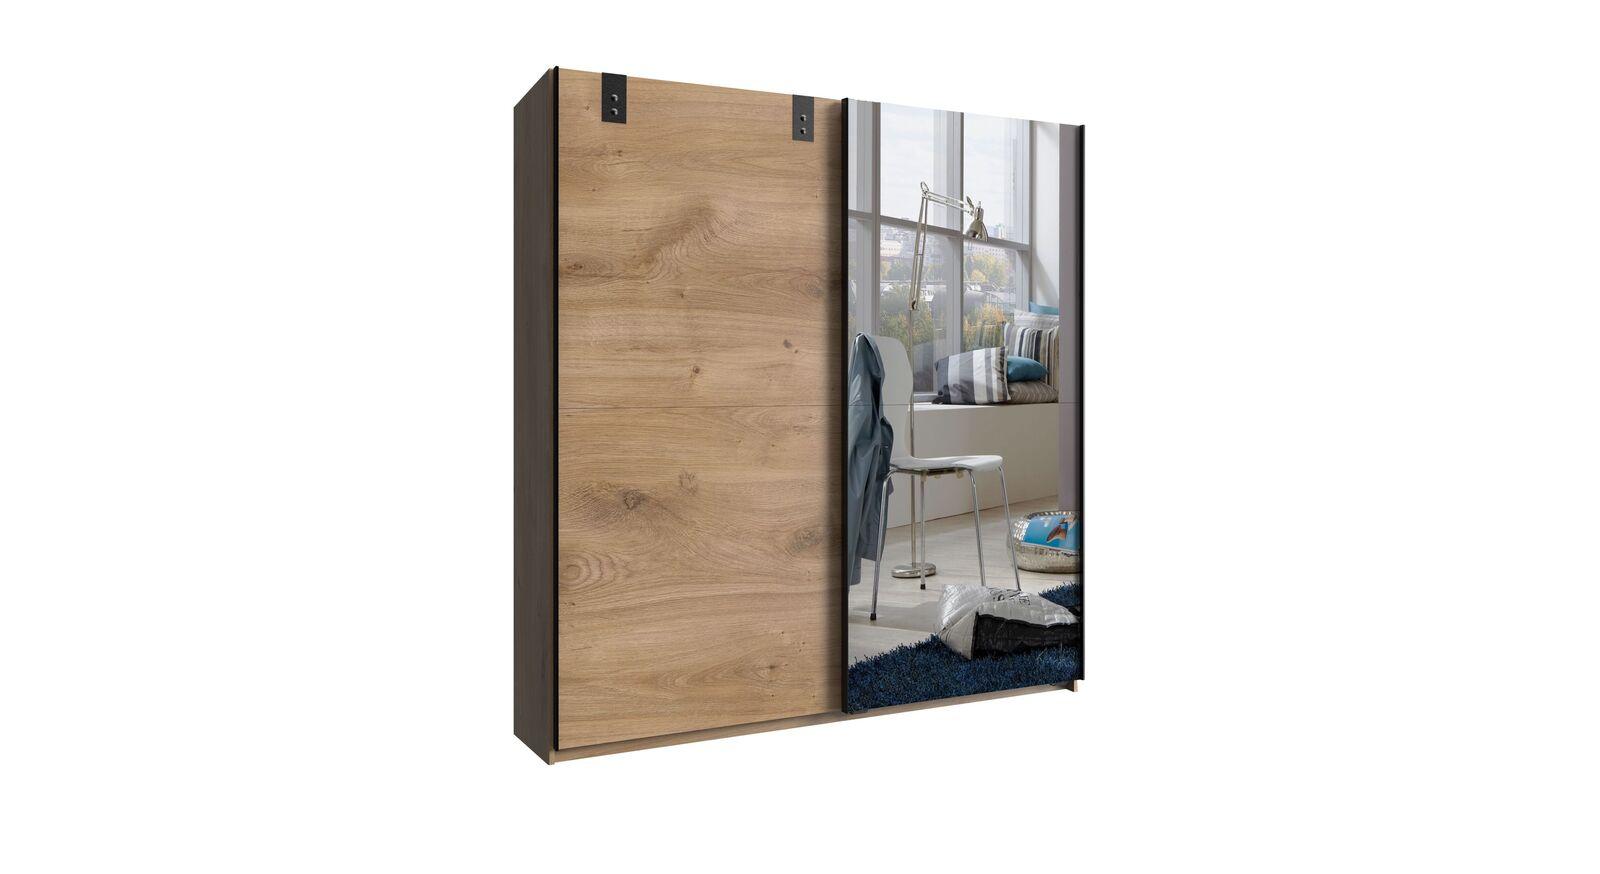 Spiegel-Schwebetüren-Kleiderschrank Nolan in der breiten Variante